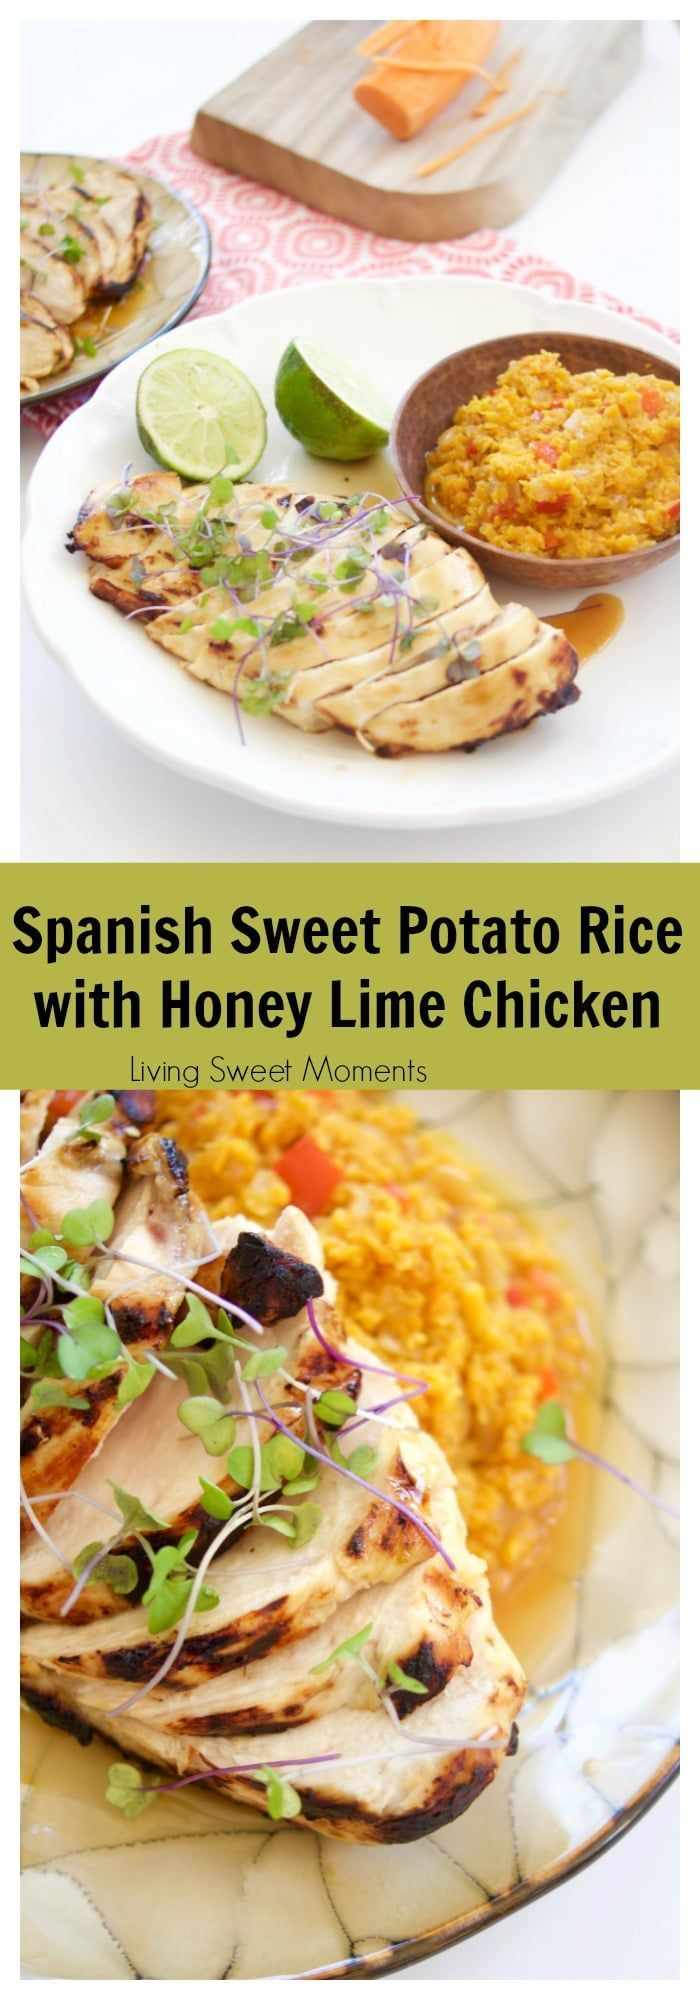 Spanish Sweet Potato Rice with Honey Lime Chicken #honeylimechicken Spanish Sweet Potato Rice with Honey Lime Chicken (Passover, GF) via @Livingsmoments #honeylimechicken